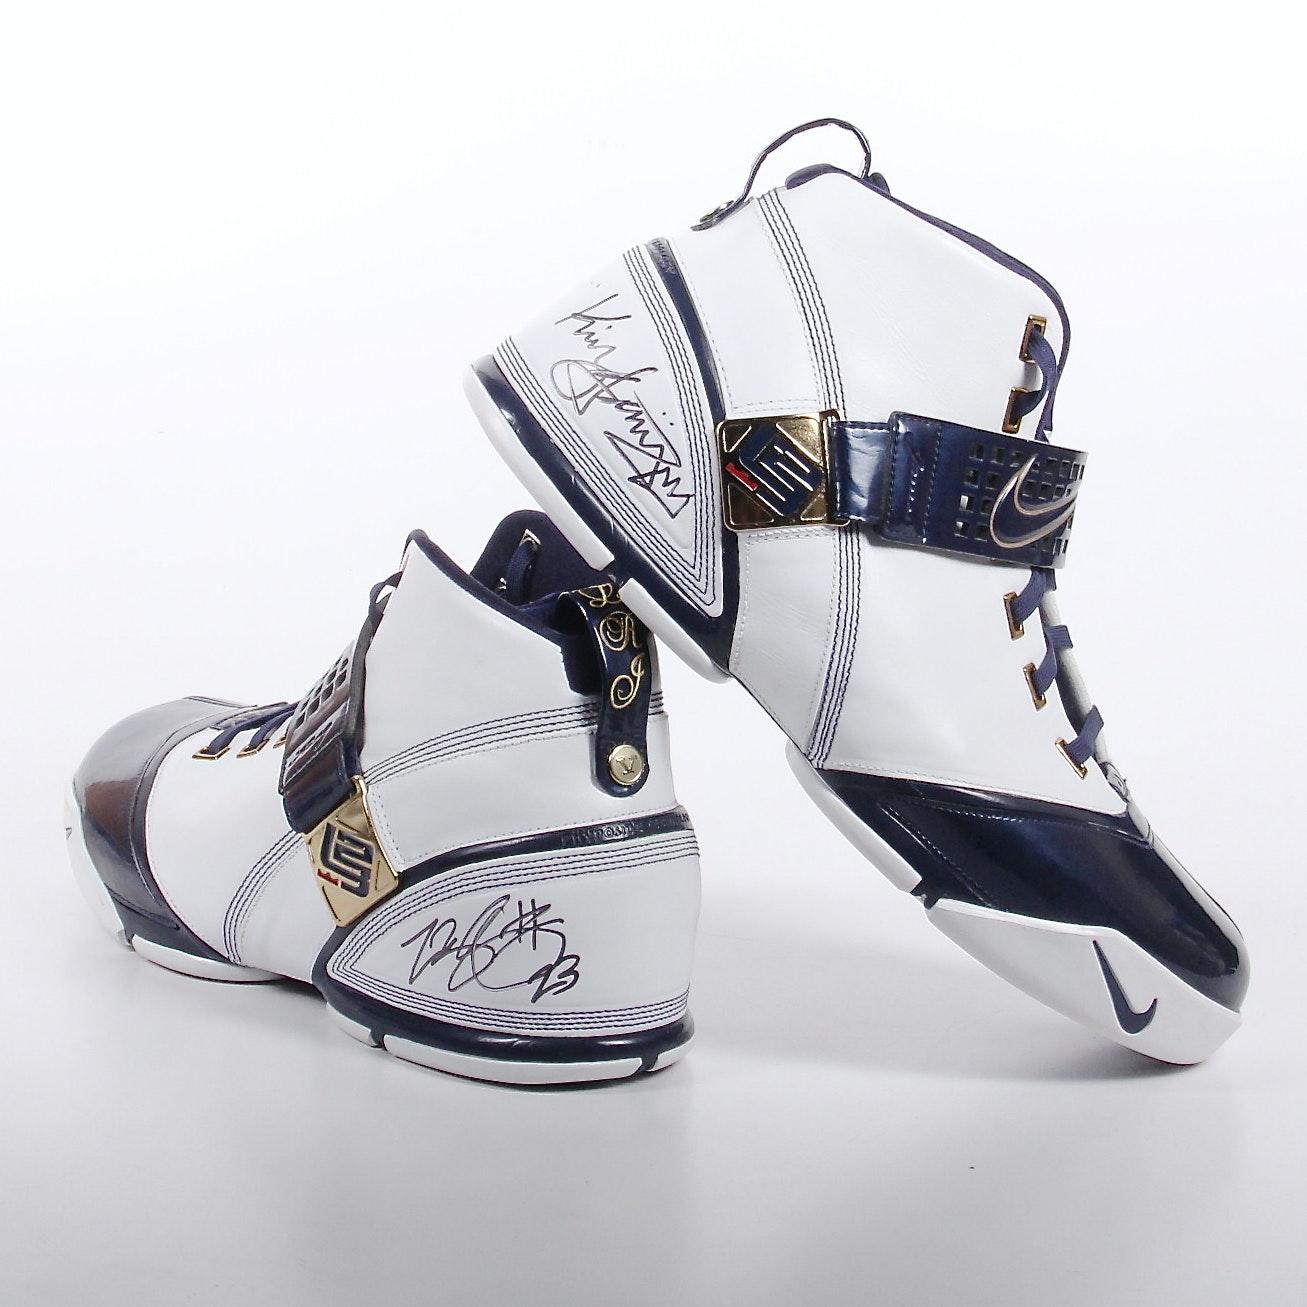 Autographed LeBron James Shoes